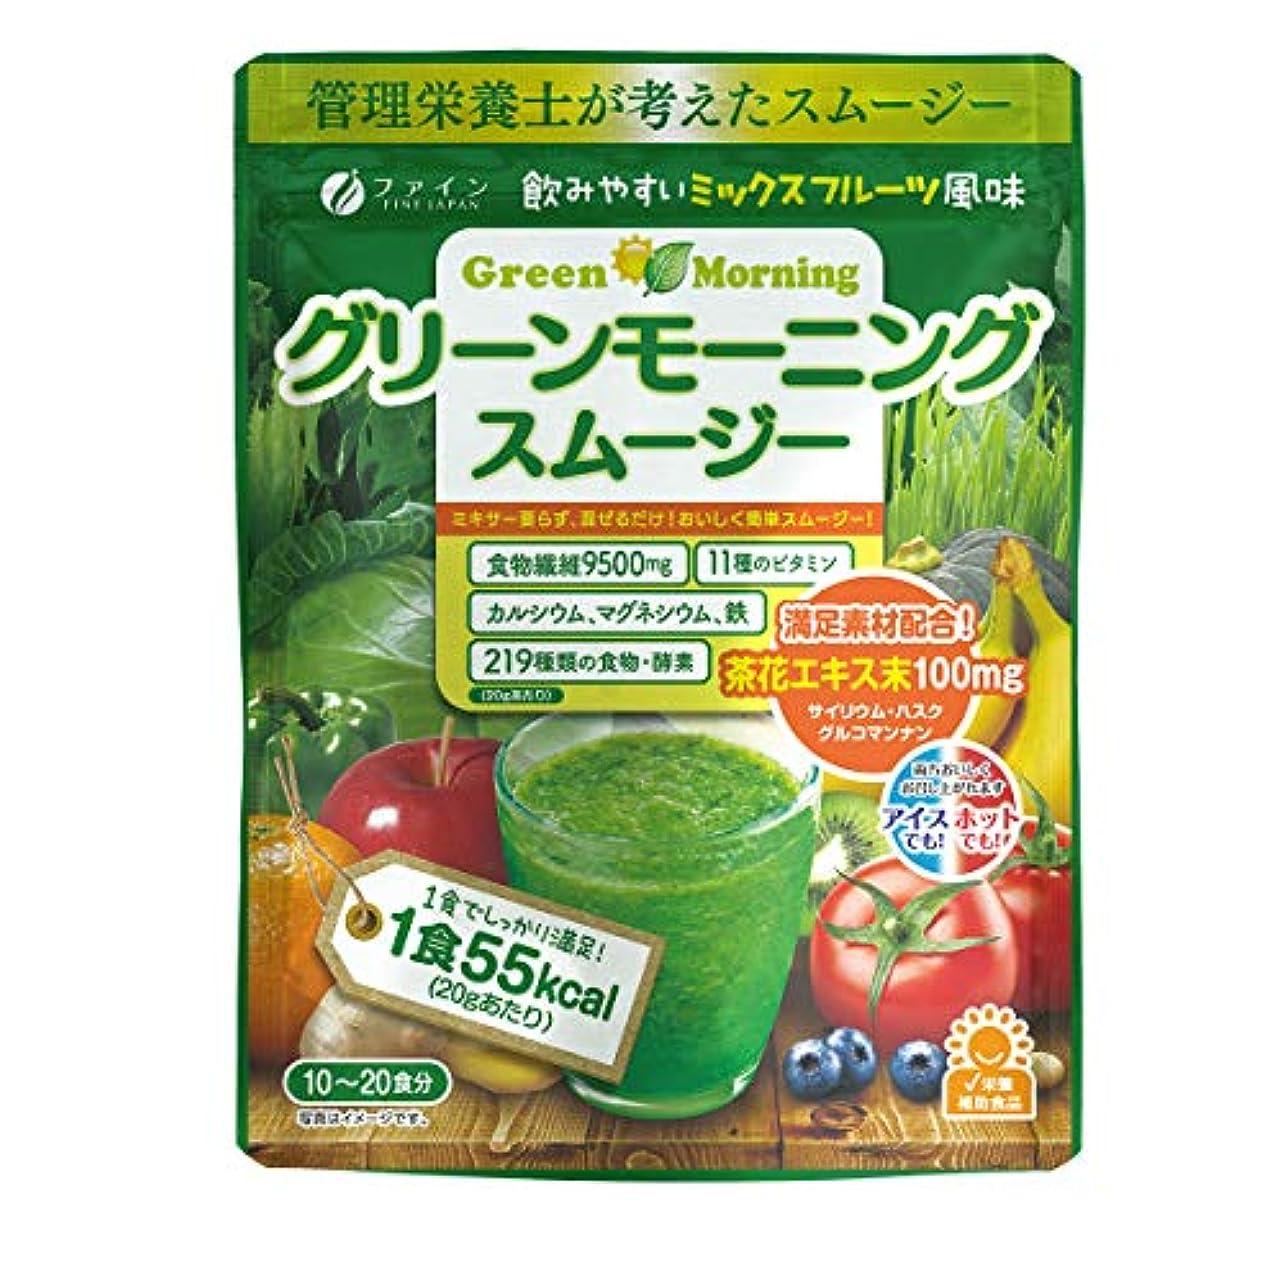 聡明付属品リーズファイン グリーンモーニングスムージー ミックスフルーツ風味 5食入り